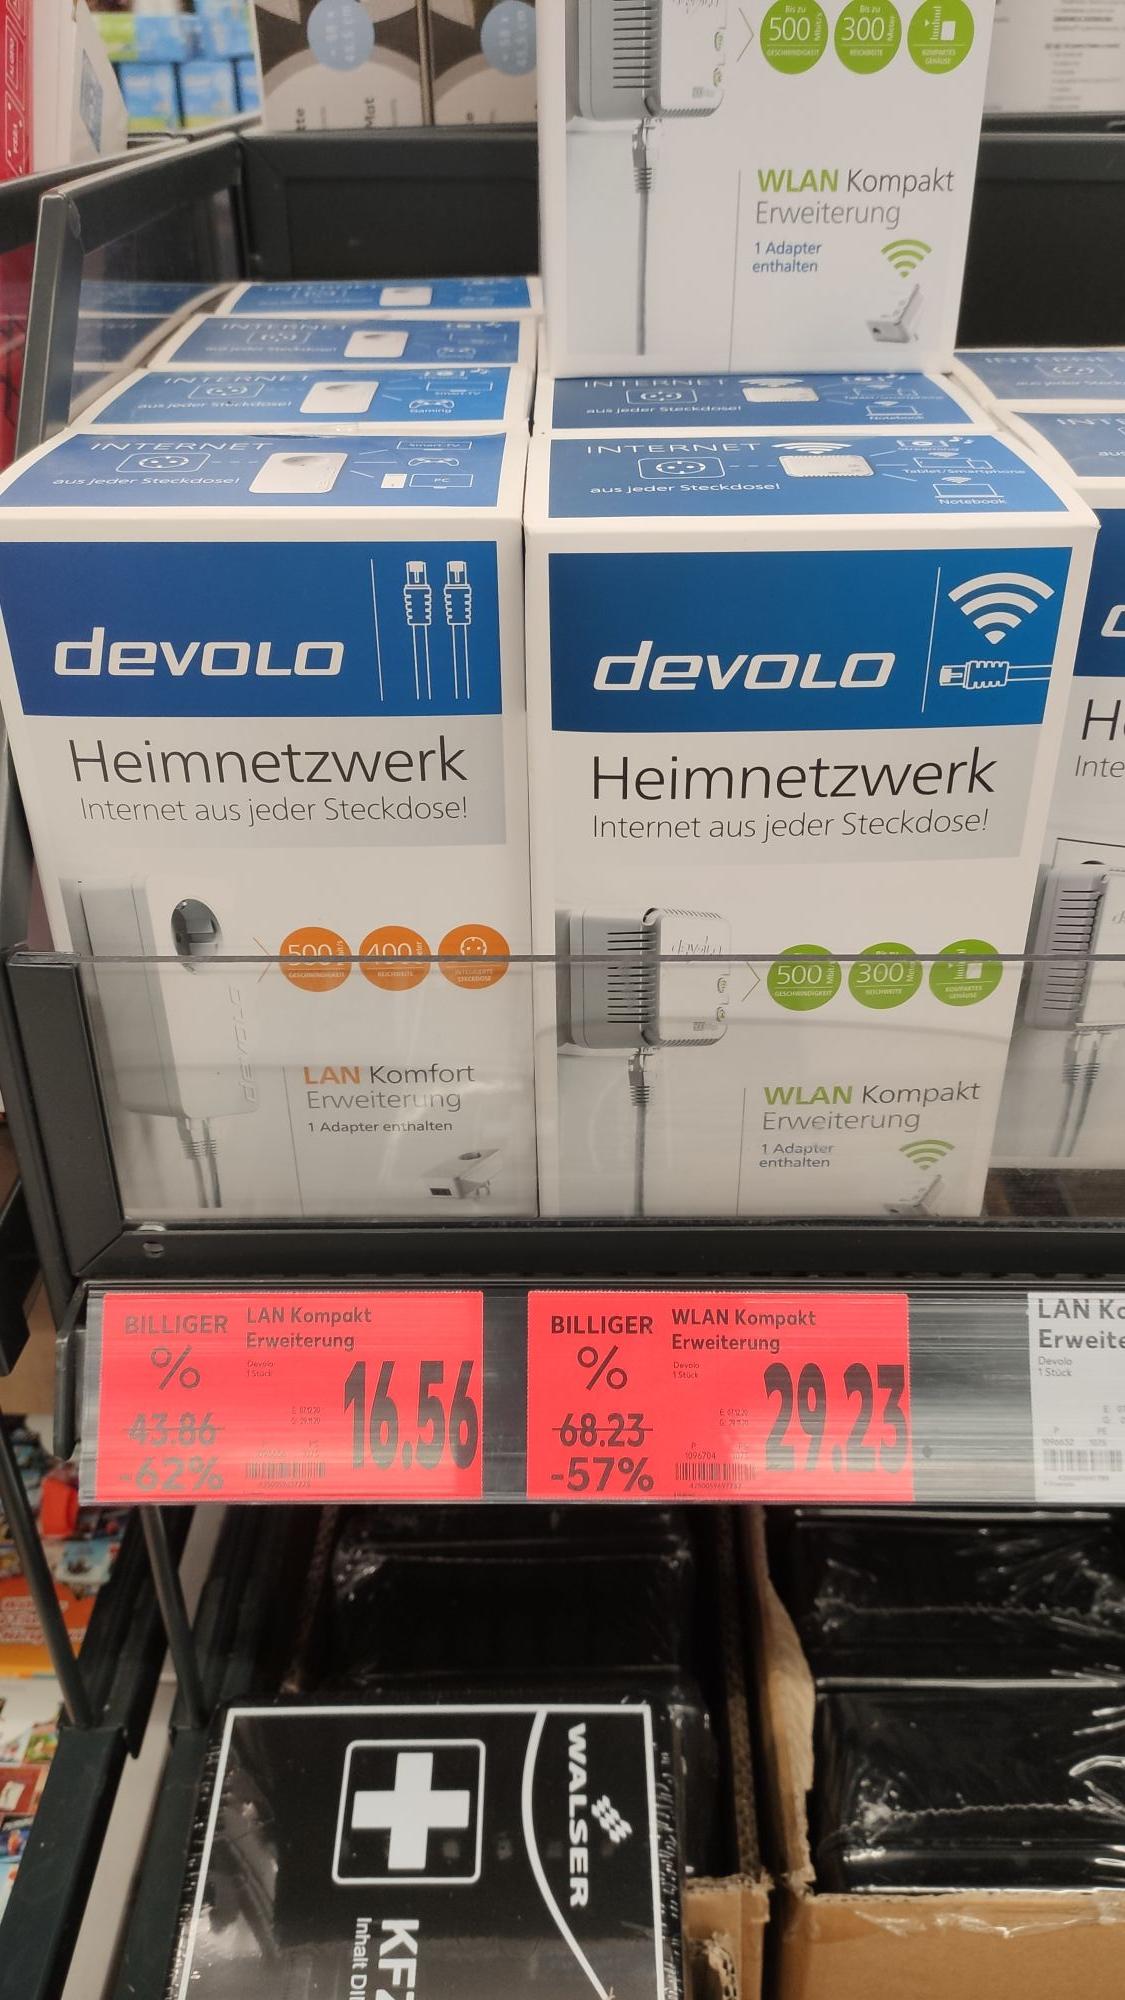 [Kaufland Weiterstadt] Devolo Produkte weit unterm Tiefstpreis, DVD 10er Spindel für 0,50€ uvm.